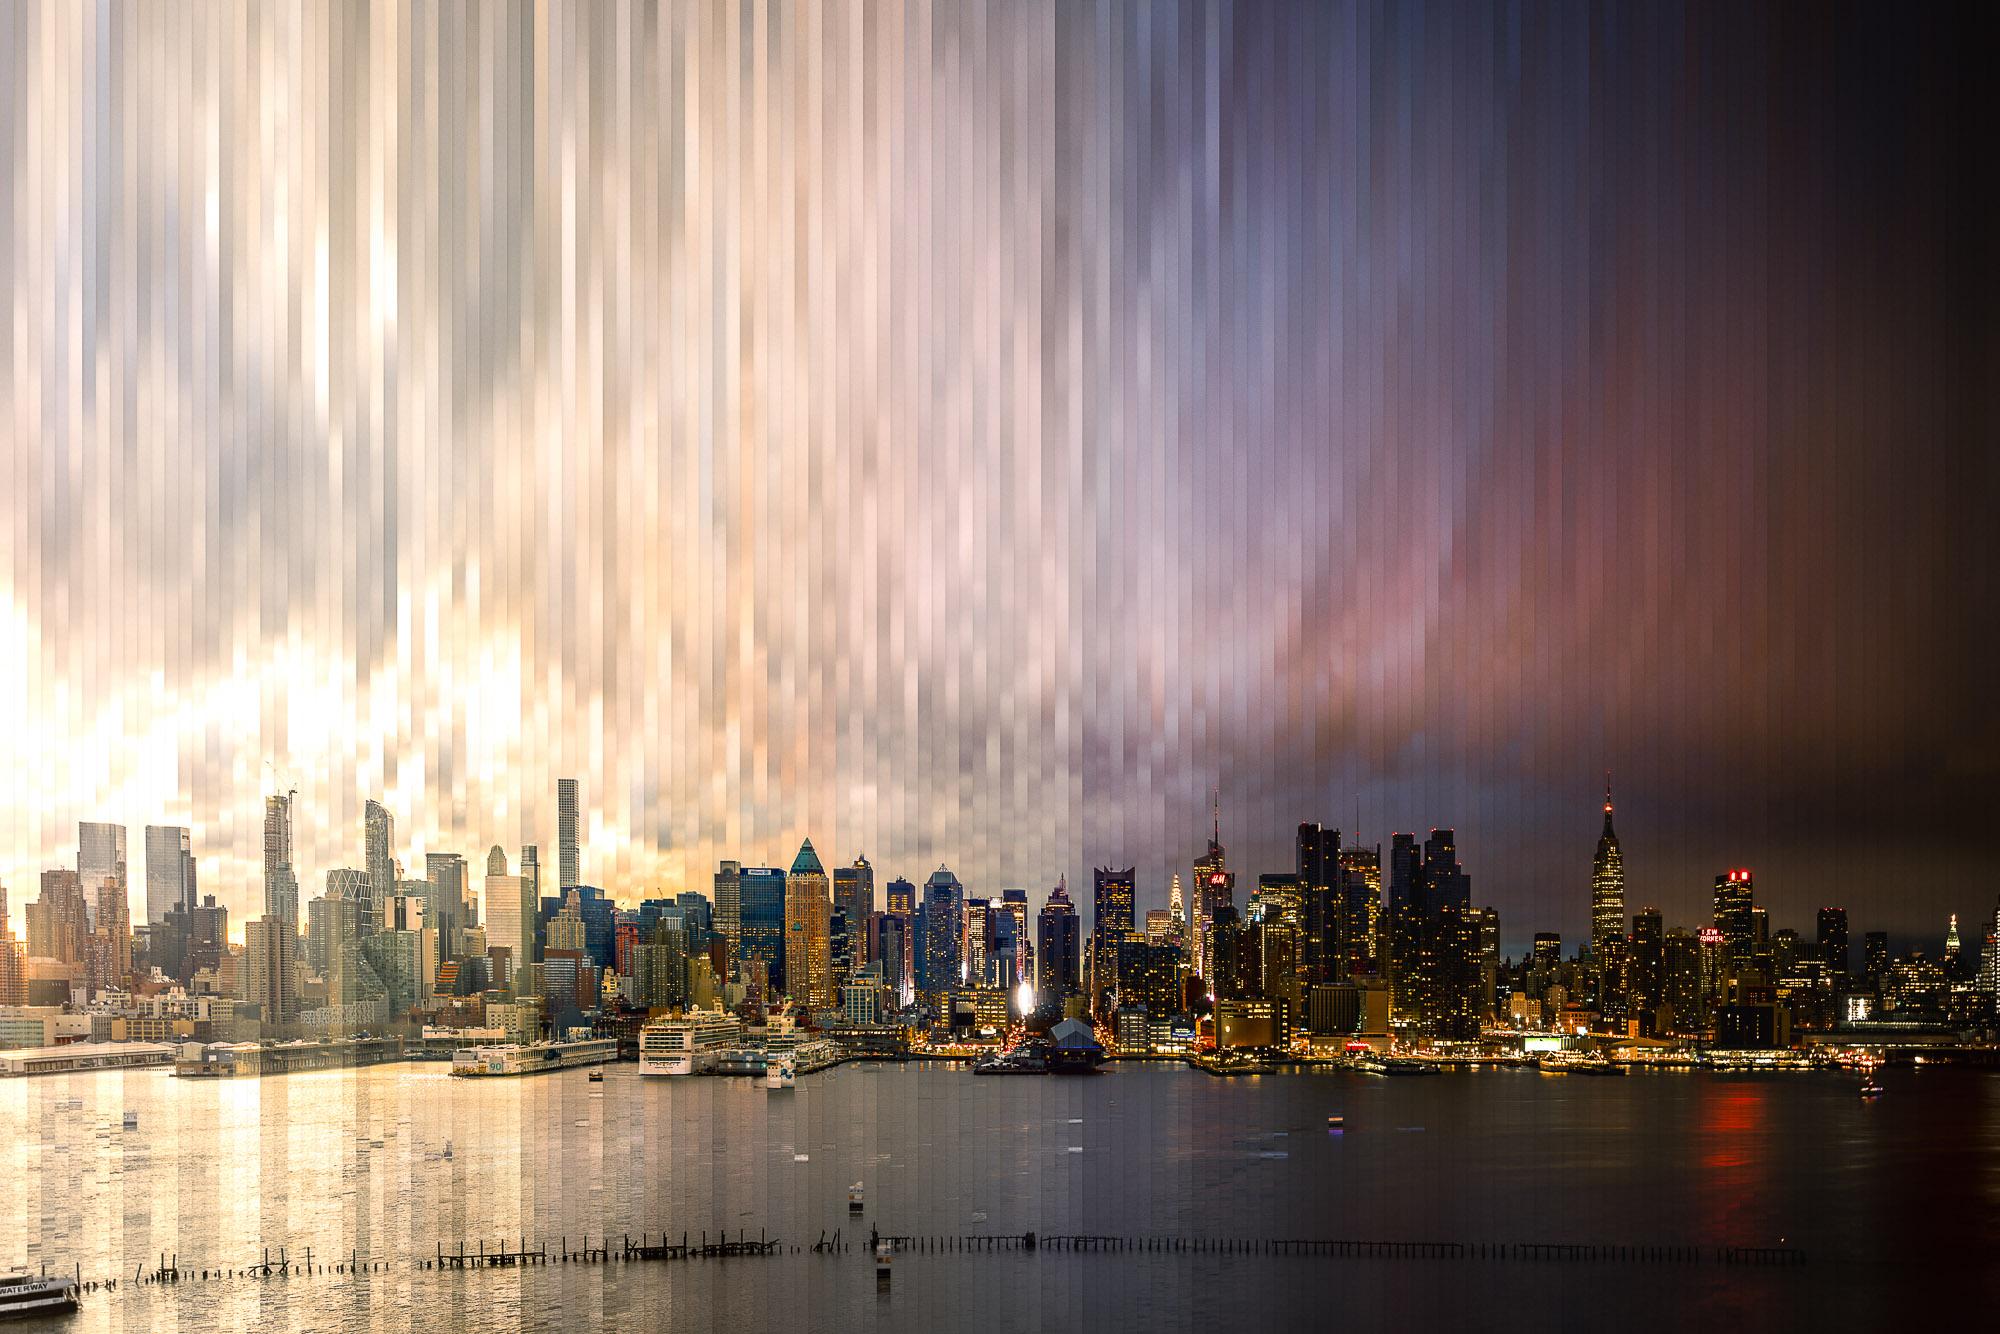 Timeslice Manhattan in 147 photos